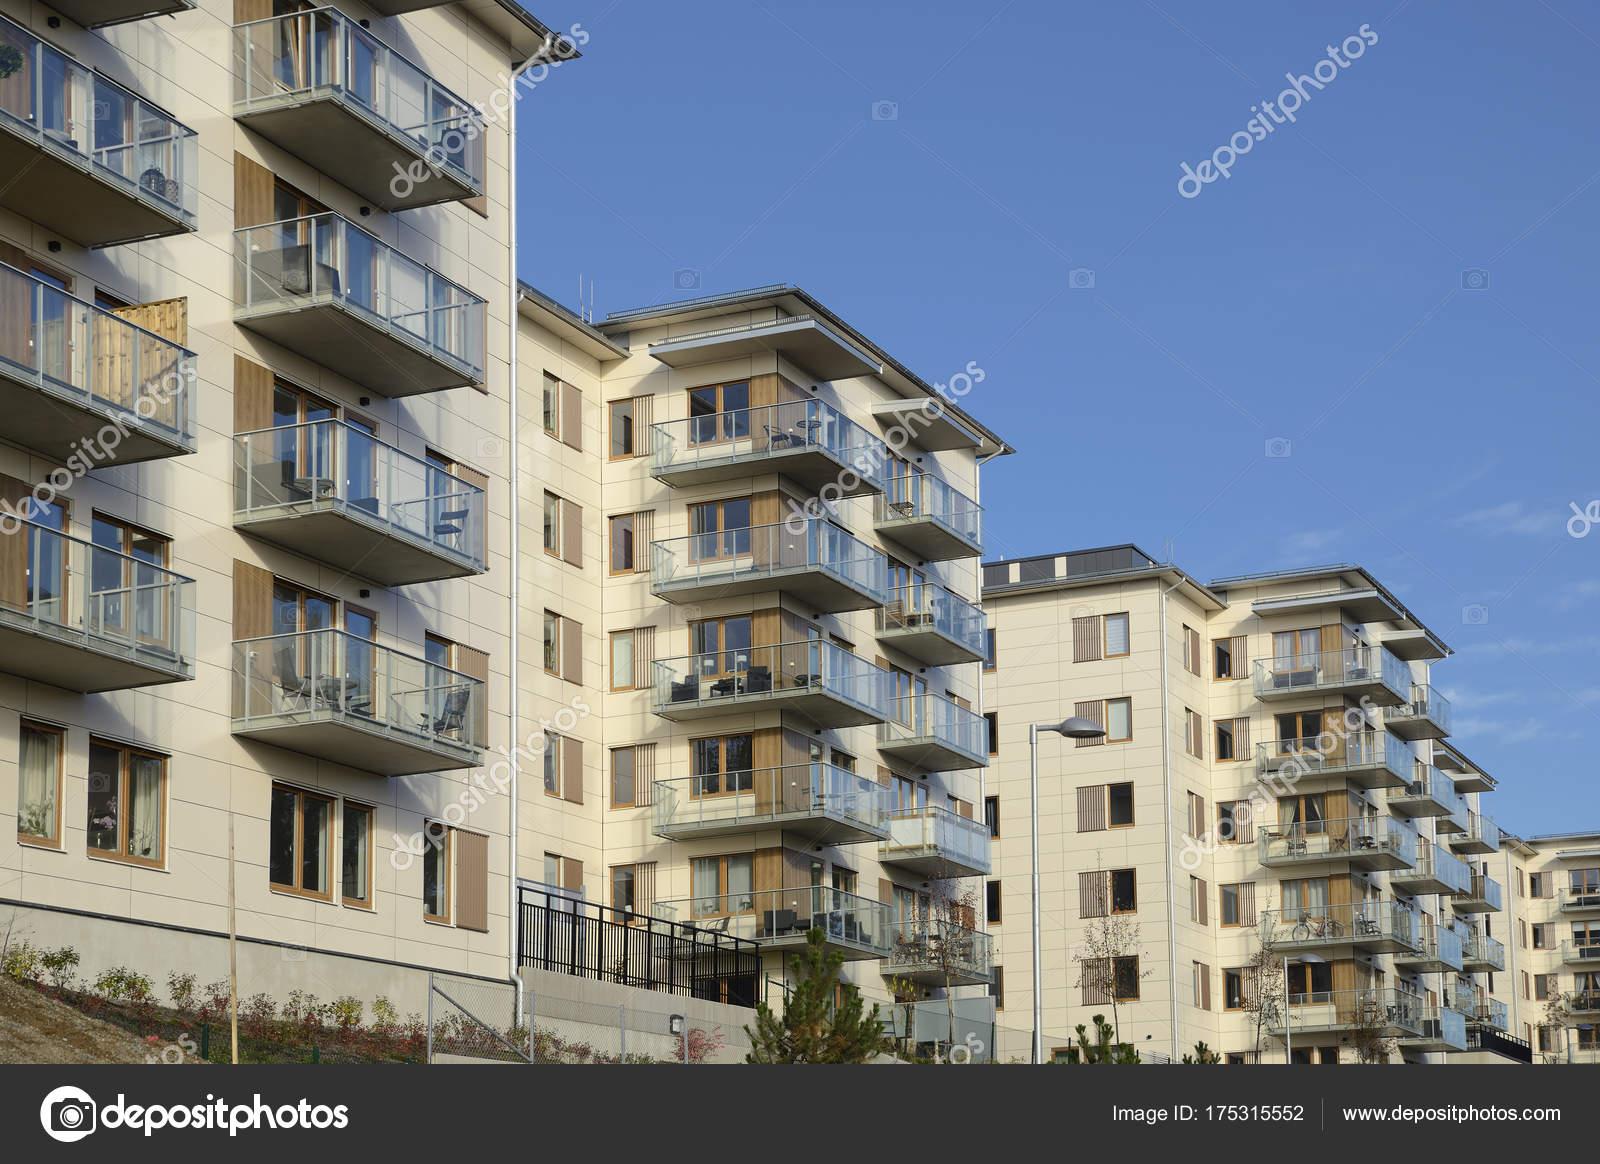 Costruzioni appartamento moderne nella zona stoccolma svezia u2014 foto